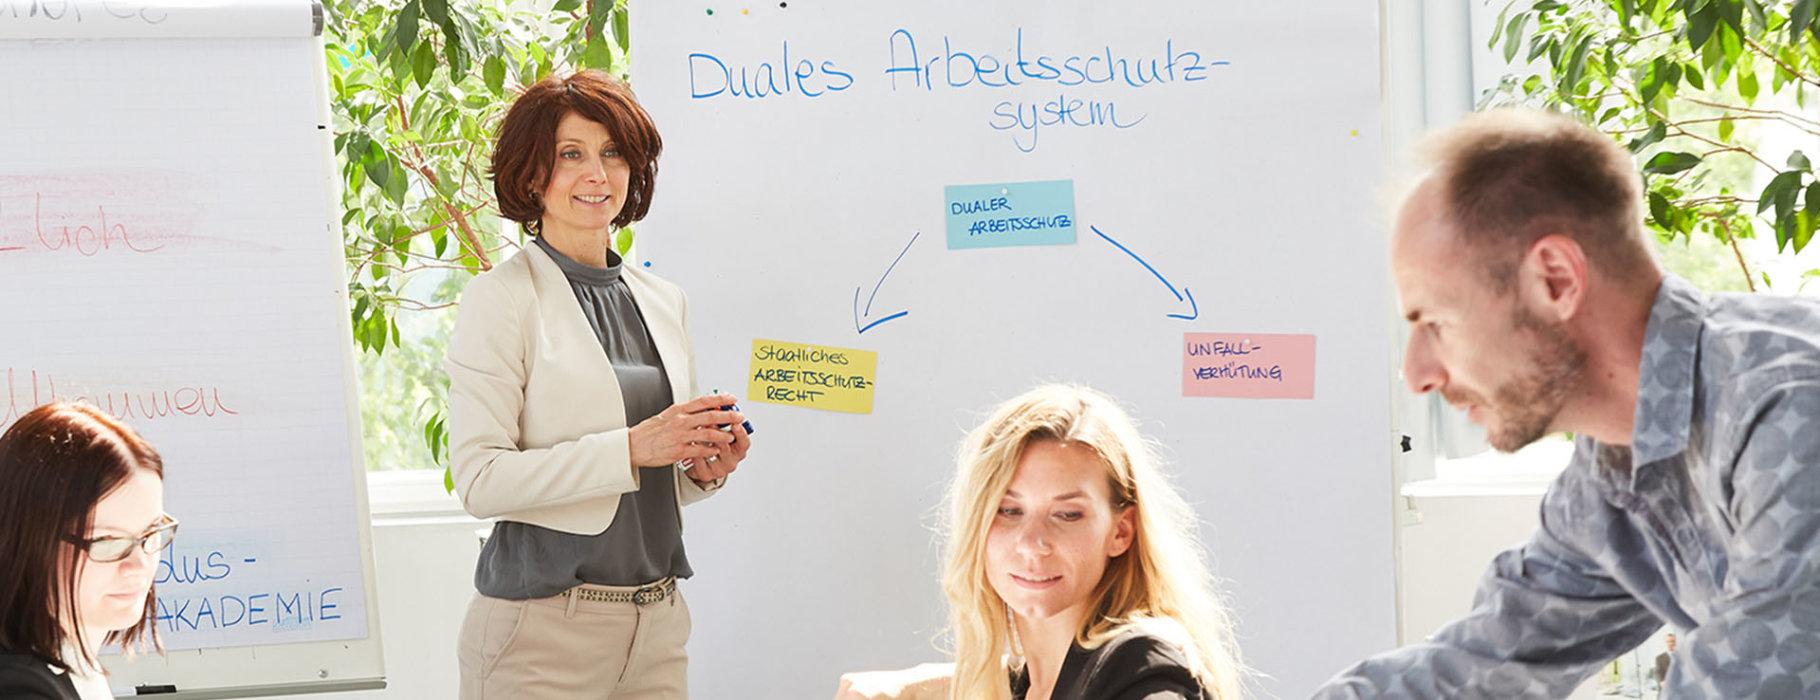 mplus-schulung-zum-thema-arbeitssschutz